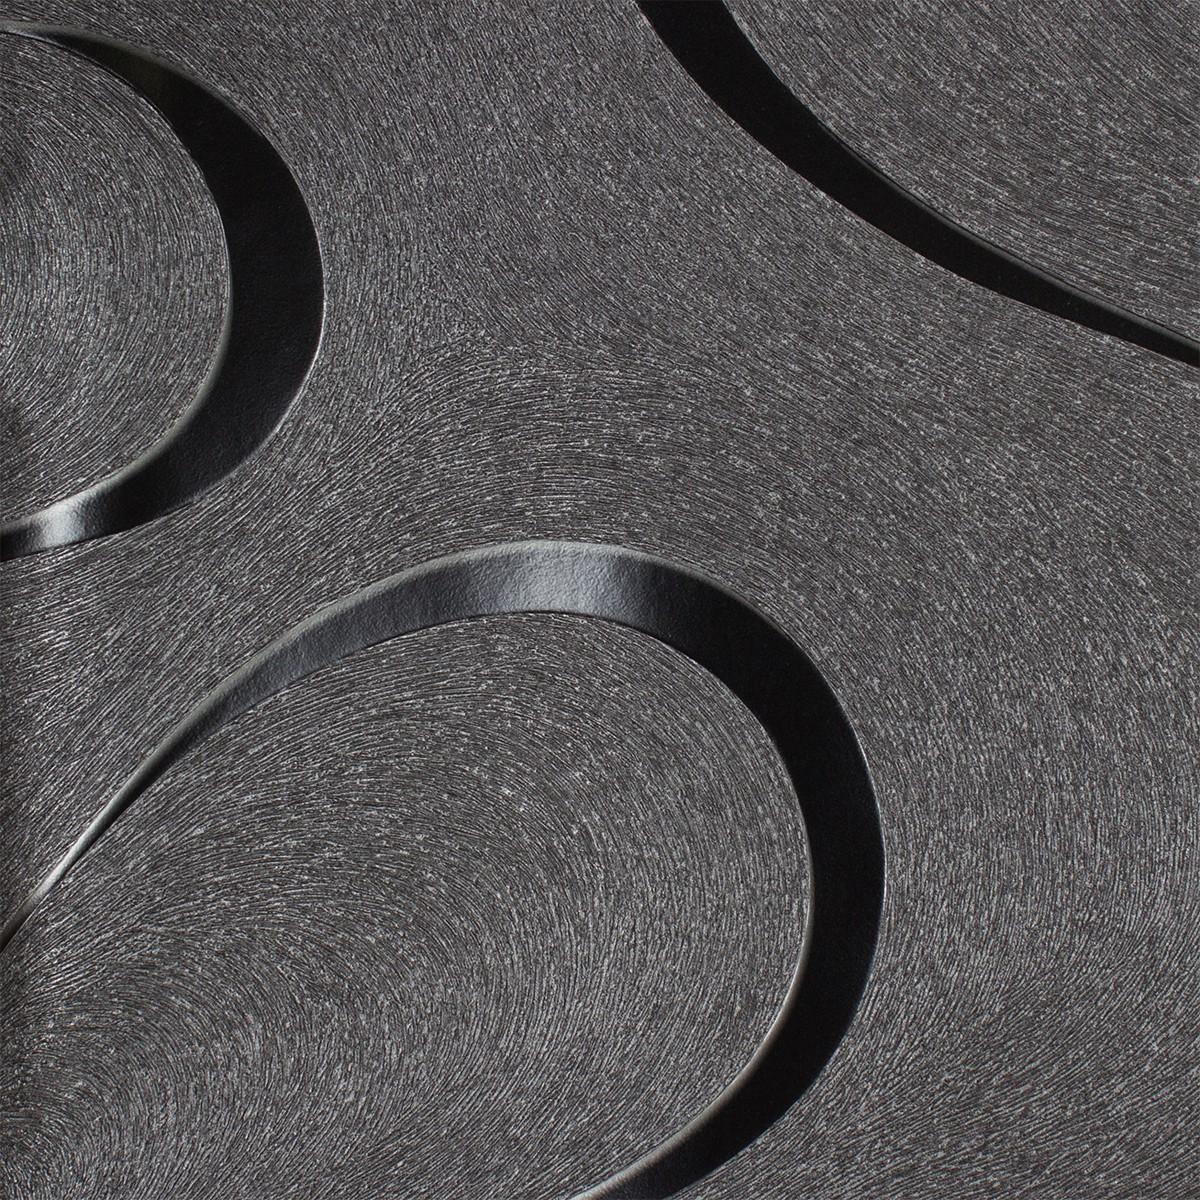 vliestapete luigi colani grafisch schwarz 53340. Black Bedroom Furniture Sets. Home Design Ideas